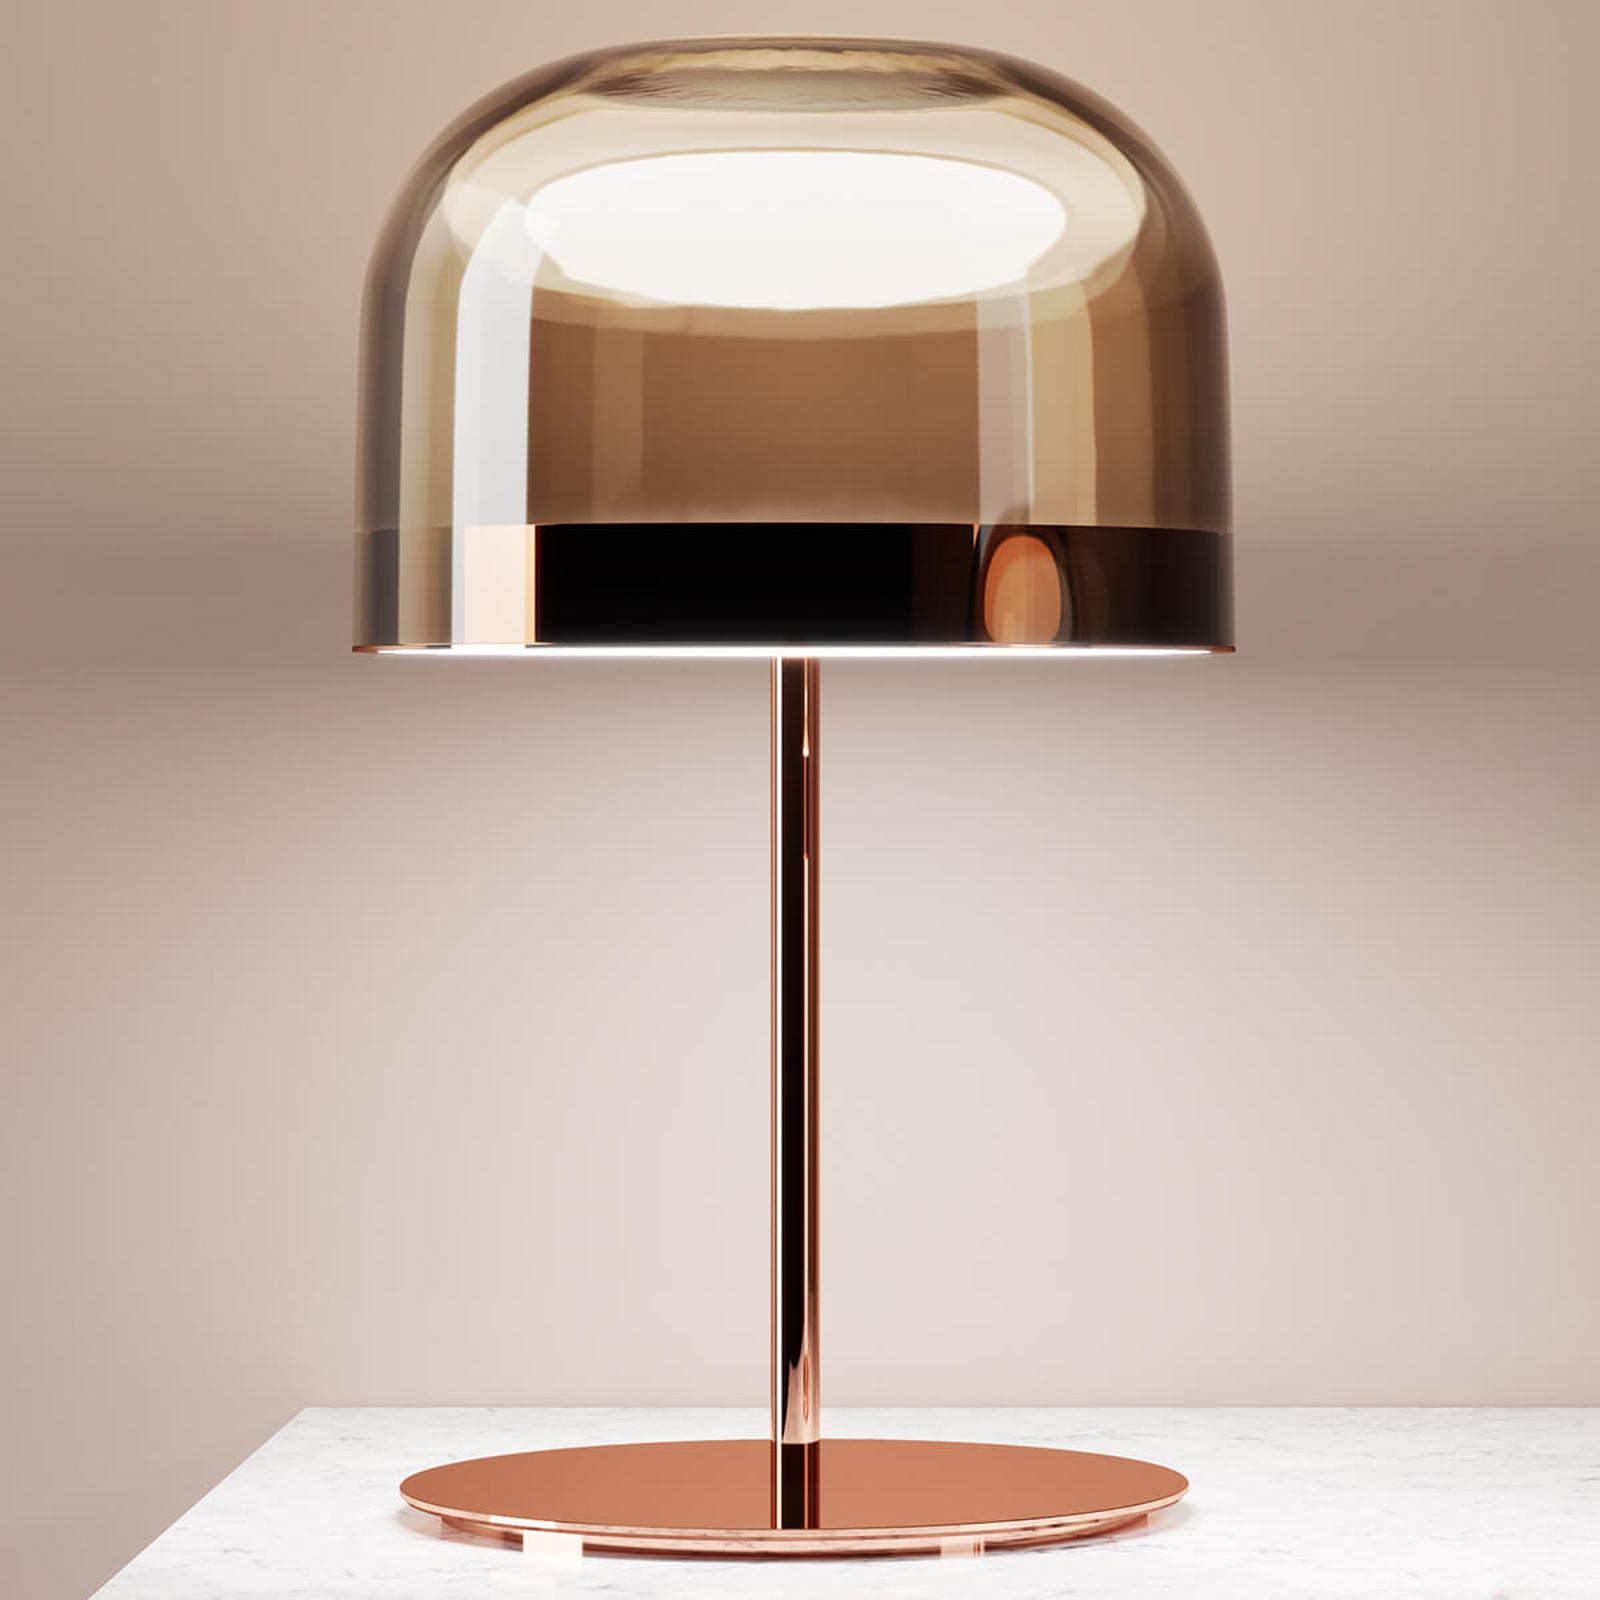 LED tafellamp Equatore in koper, 60 cm